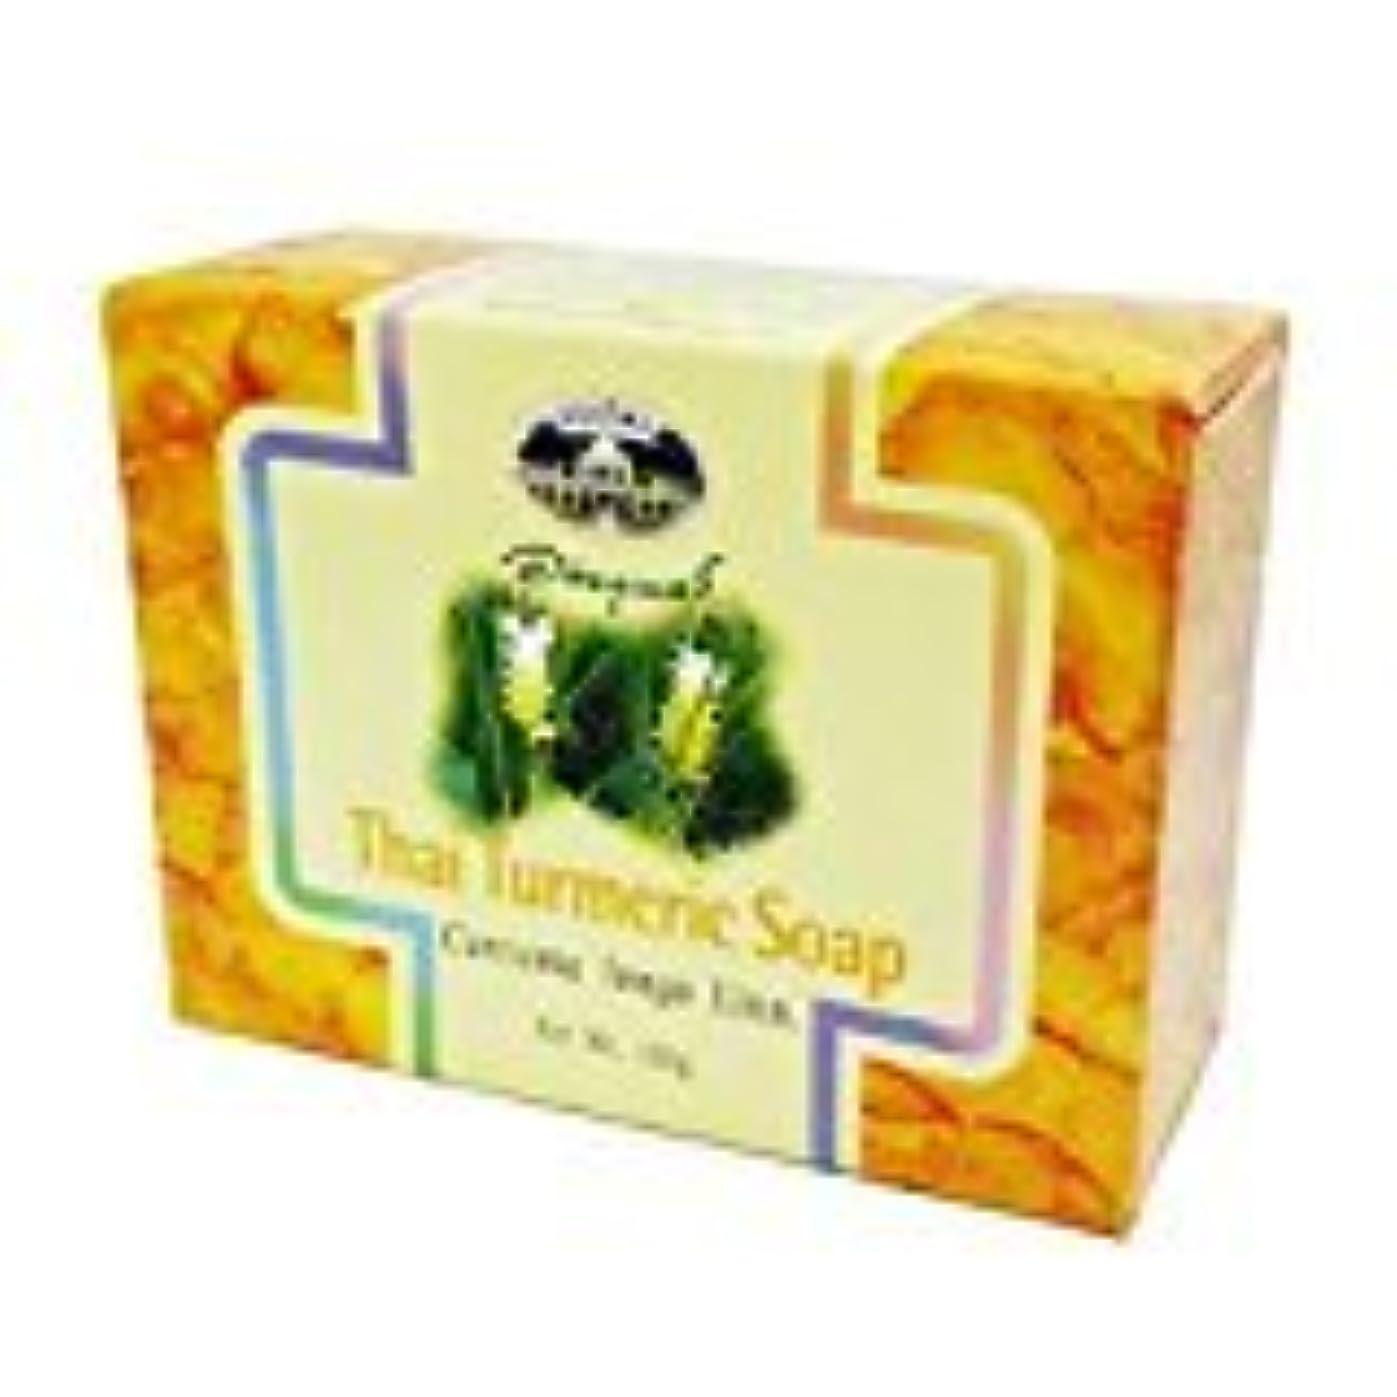 一緒内陸難破船ウコン石けん abhaibhubejhr Turmeric soap 100g